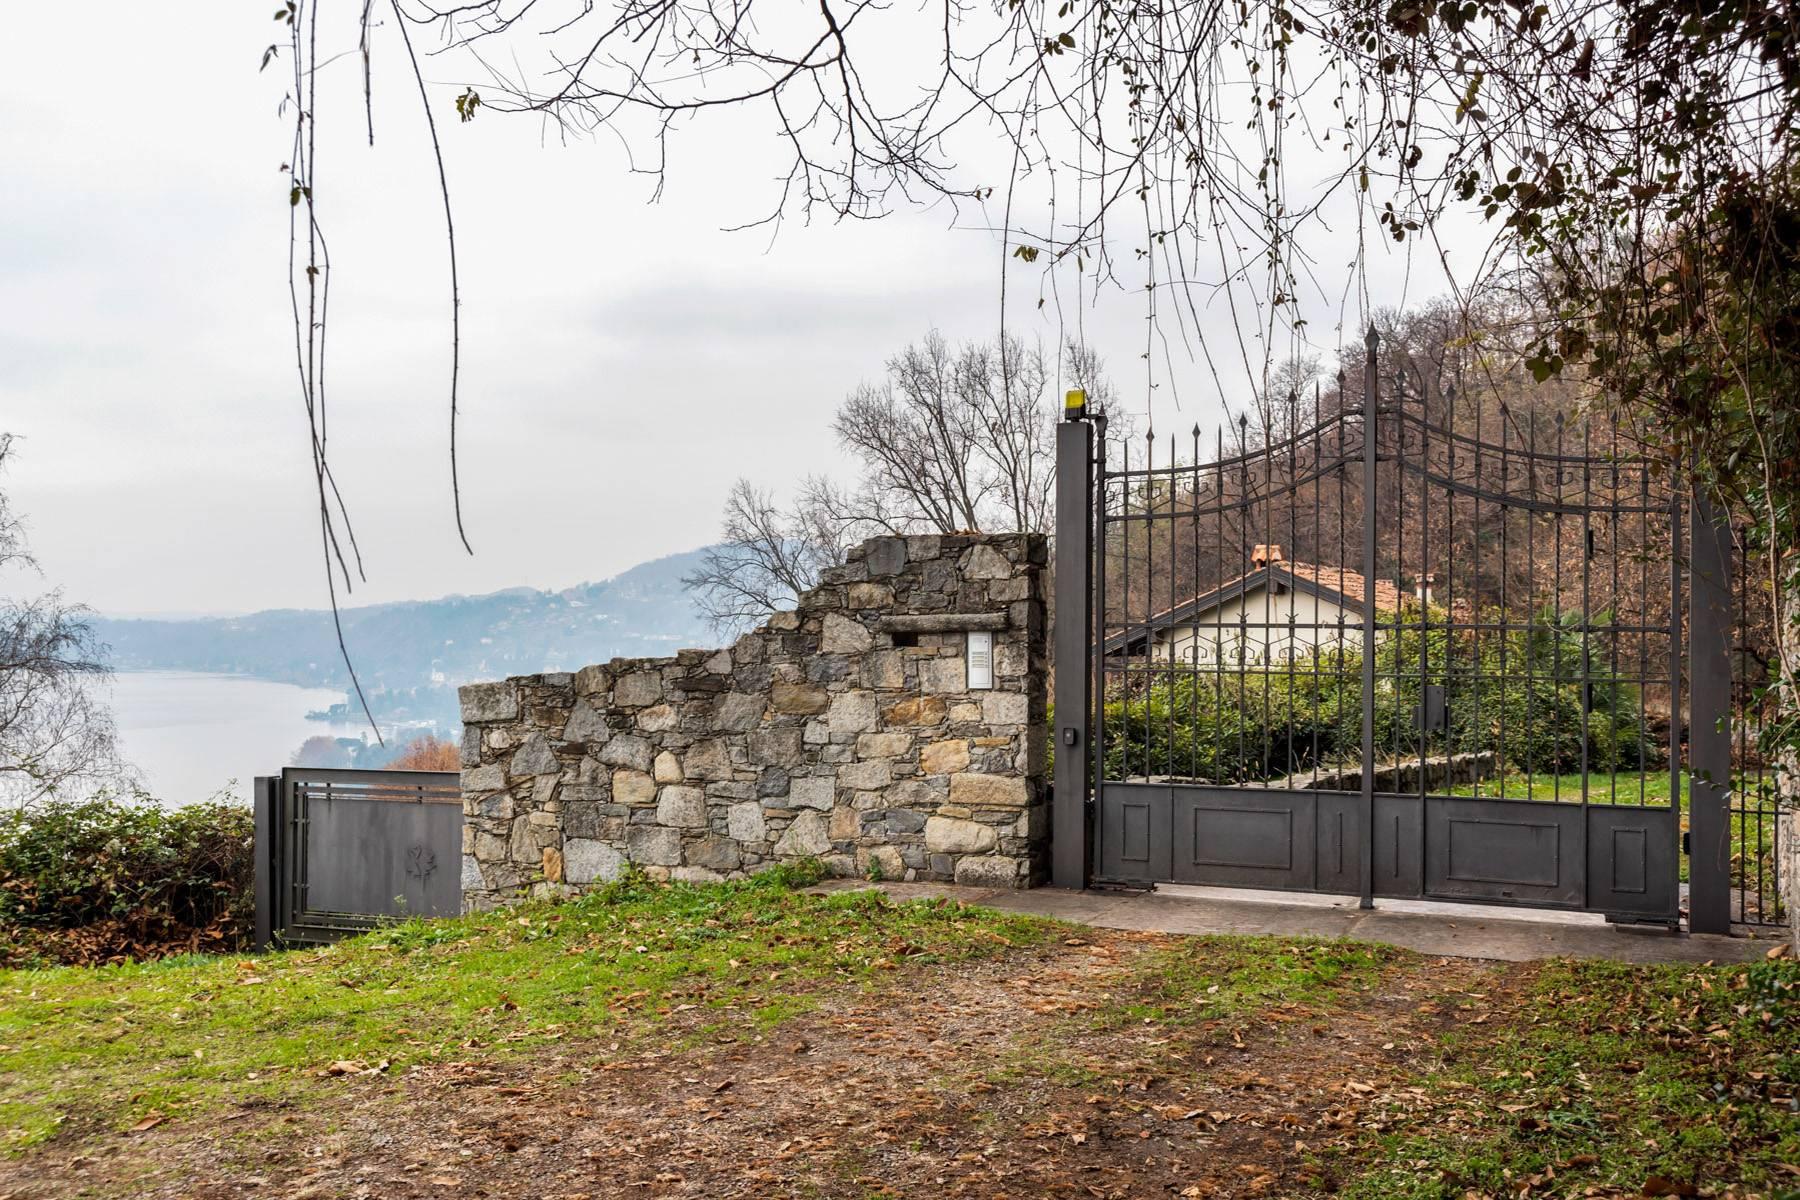 Villa in Vendita a Massino Visconti: 5 locali, 200 mq - Foto 24